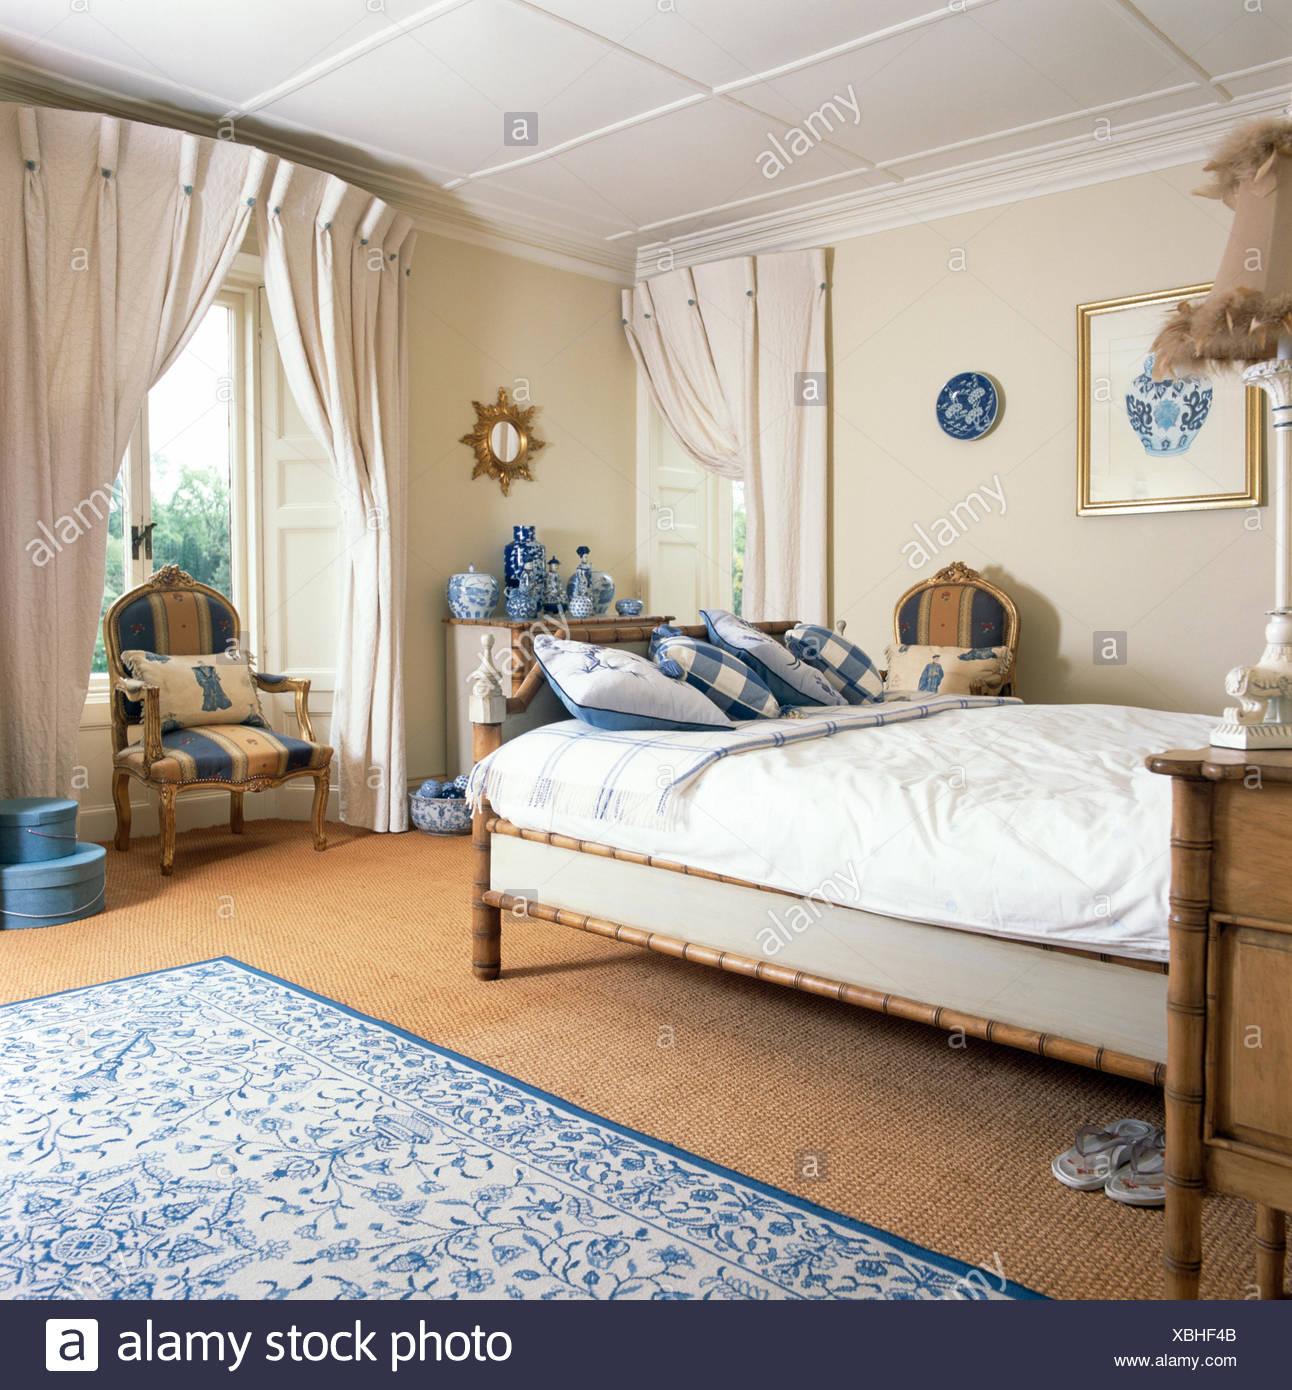 Hübsch Plissee Im Schlafzimmer Fotos >> Ruhiger Schlaf Dank ...